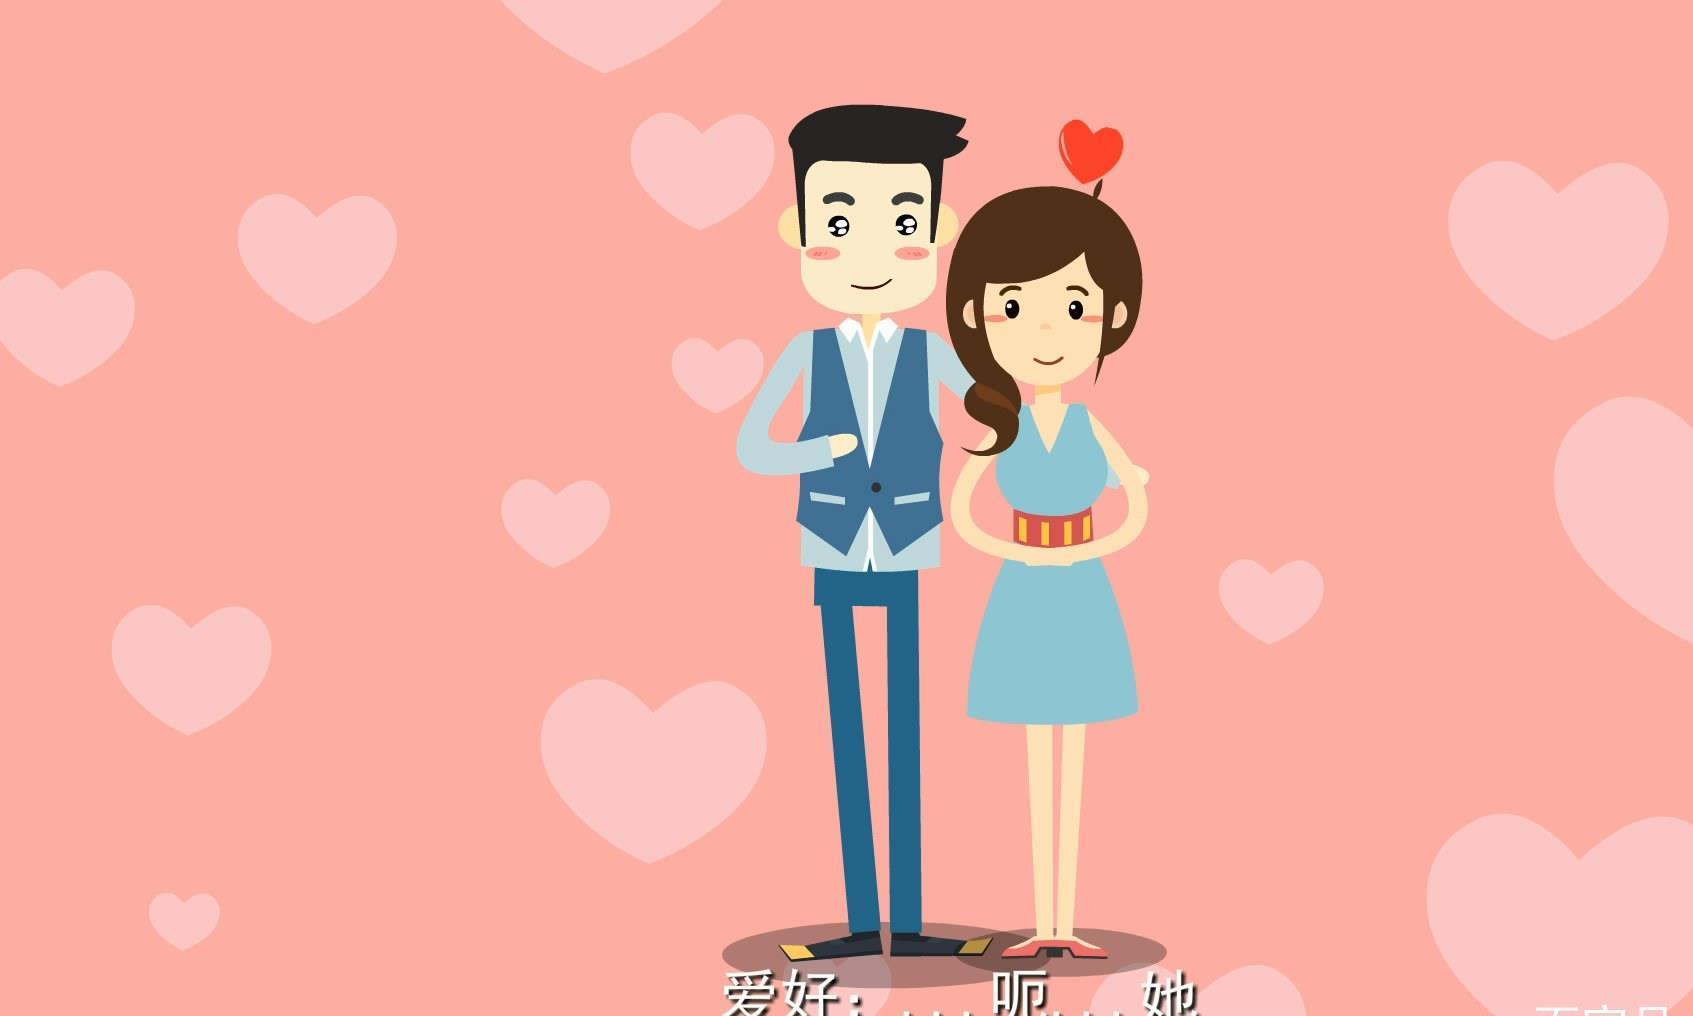 北京二维动画公司场景设计如何运用色彩